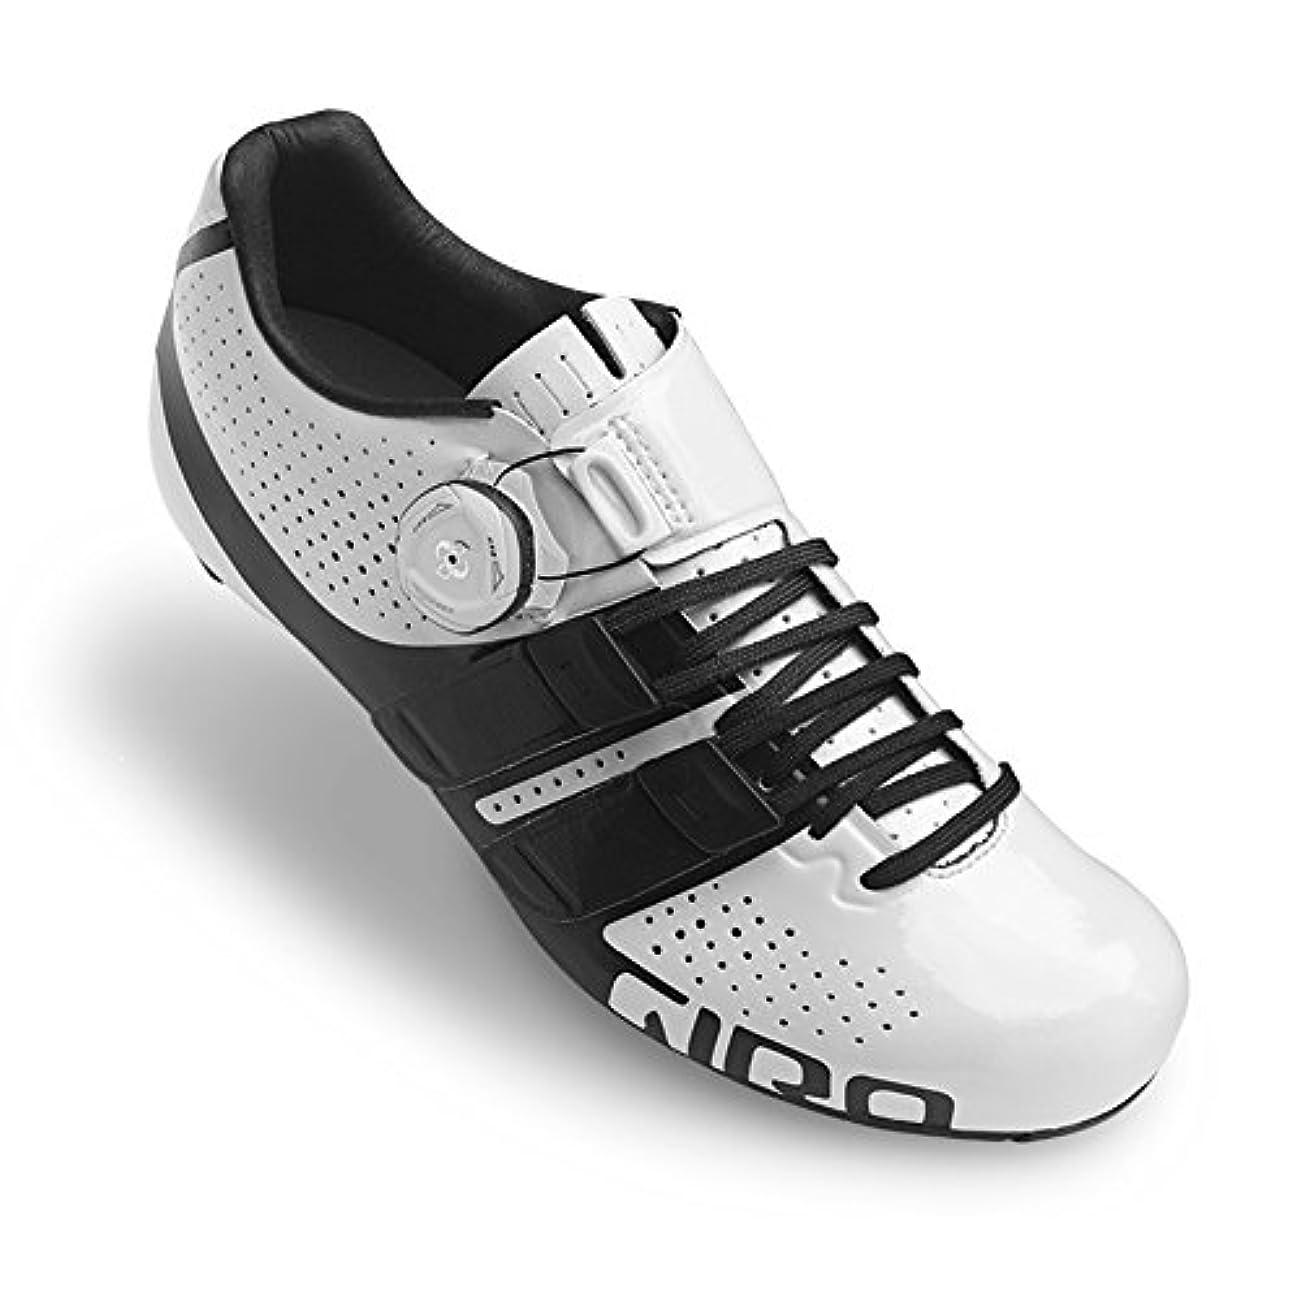 視力引退するクーポンGIRO(ジロ) FACTRESS Techlace Woman Road Cycling Shoes - White/Black [並行輸入品]